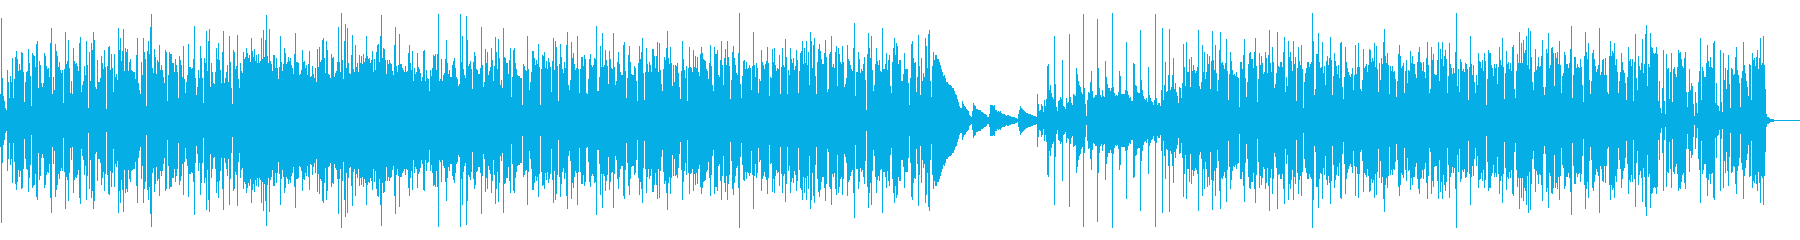 スタイリッシュなポップス(バンド演奏)の再生済みの波形